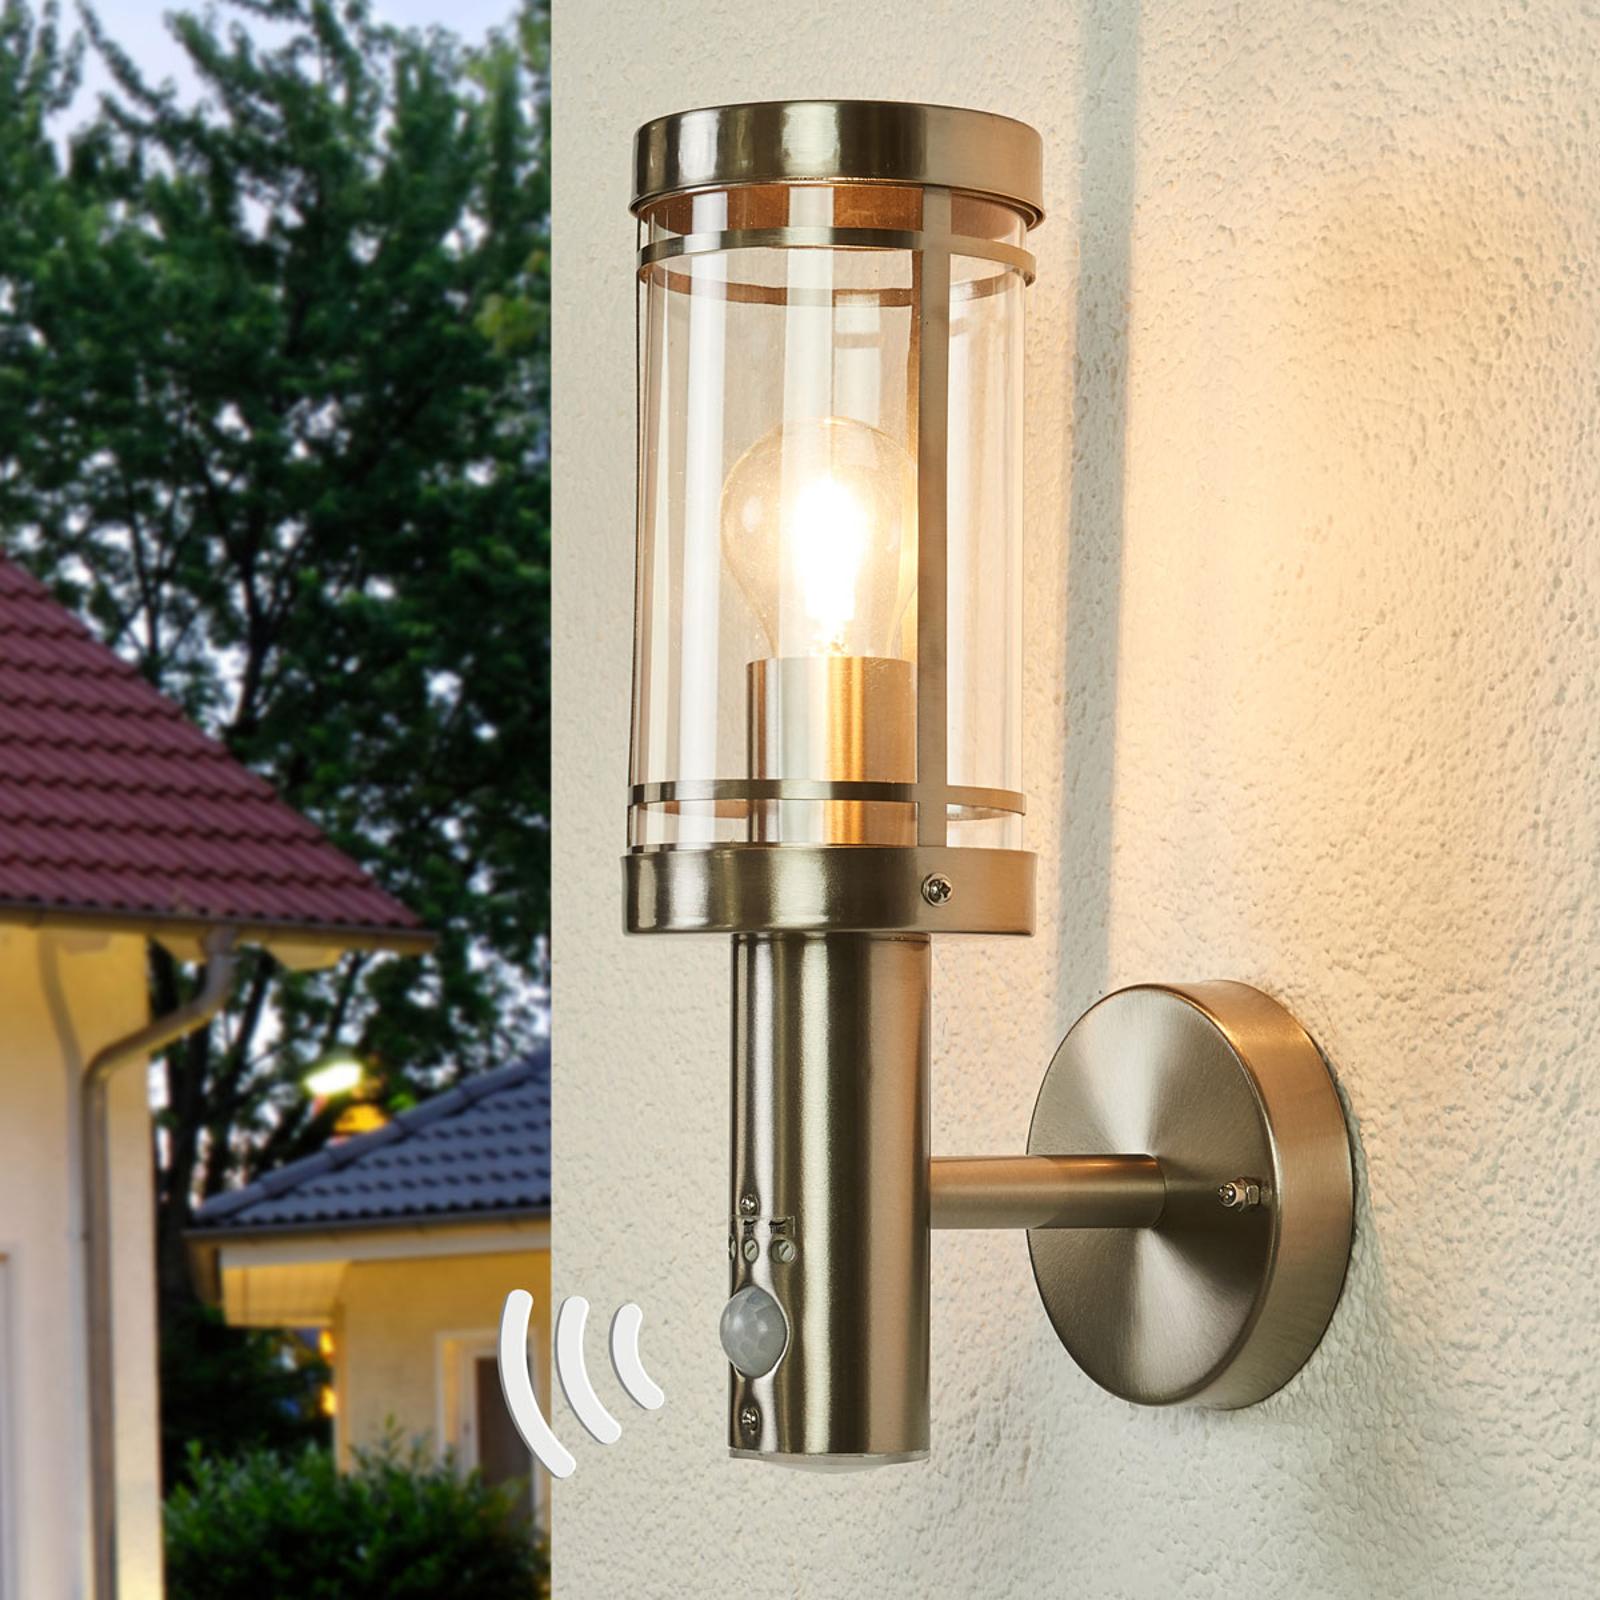 Lámpara de pared, sensor Djori ext., acero inox.